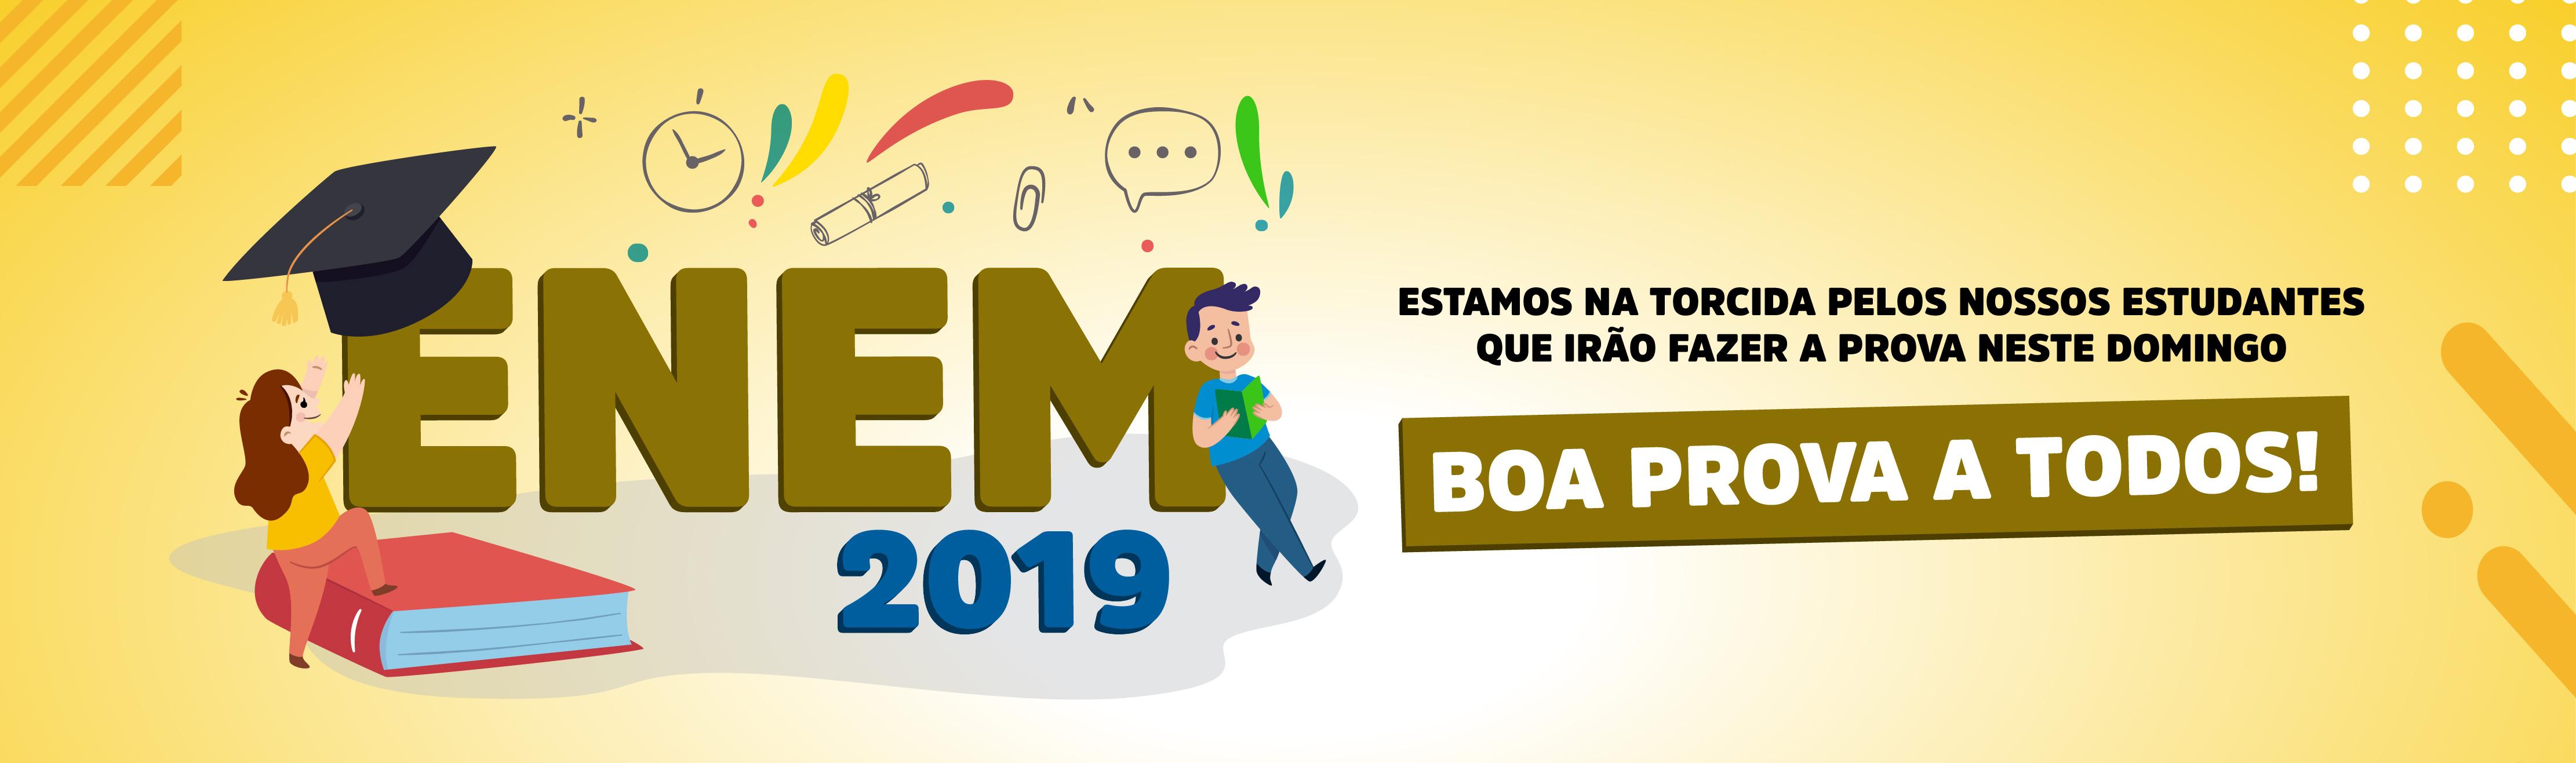 #Enem2019